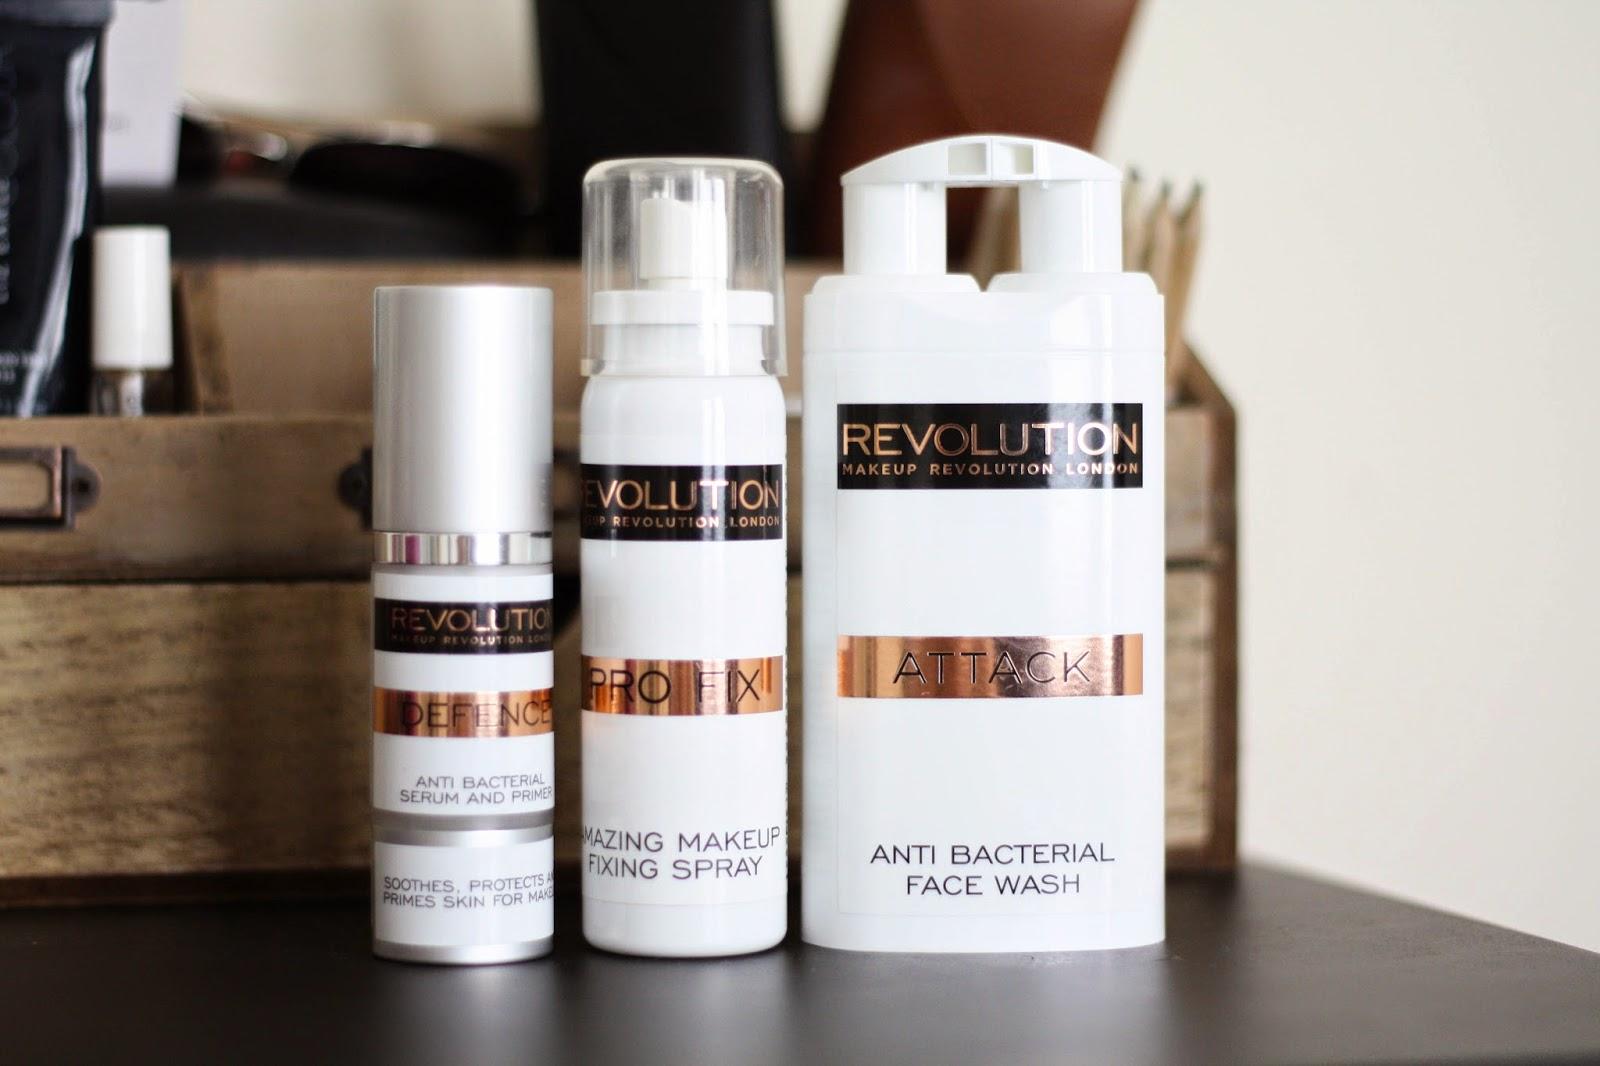 Makeup Revolution skincare review